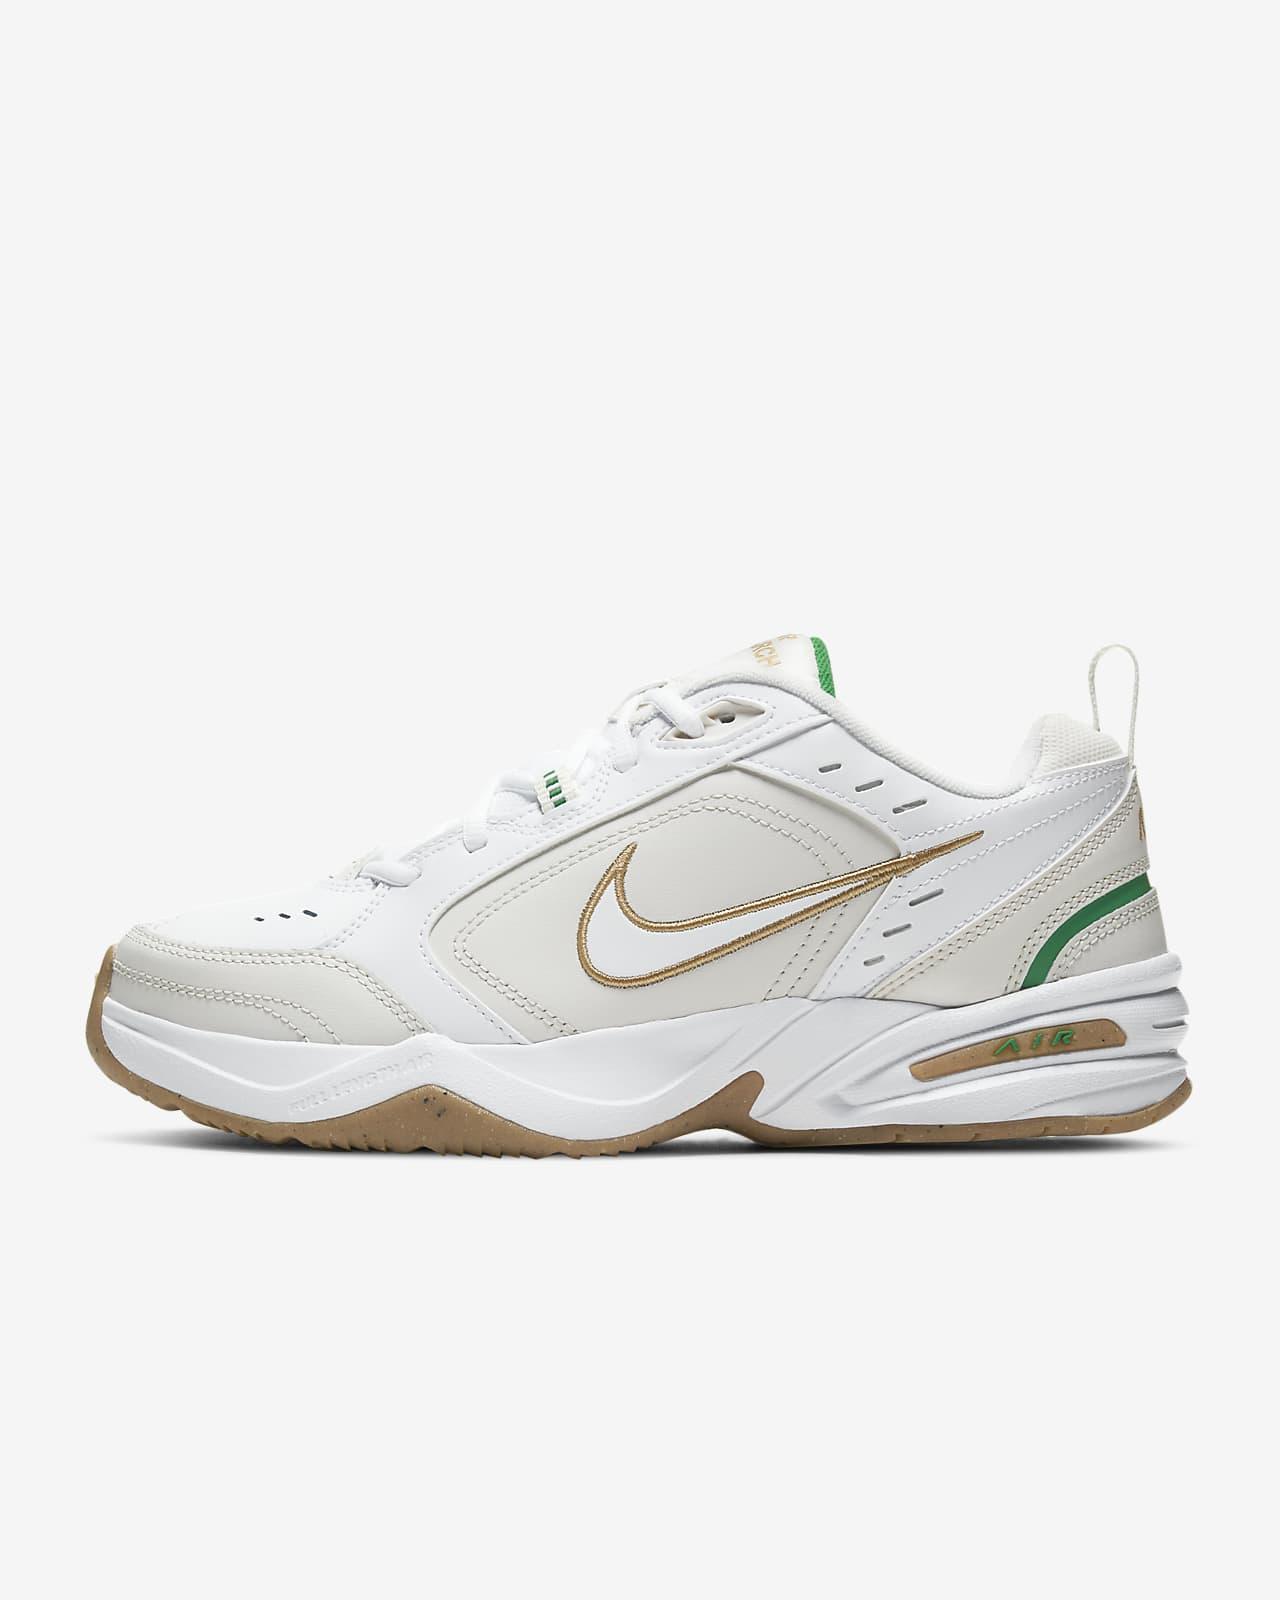 Nike Air Monarch IV 男子训练鞋